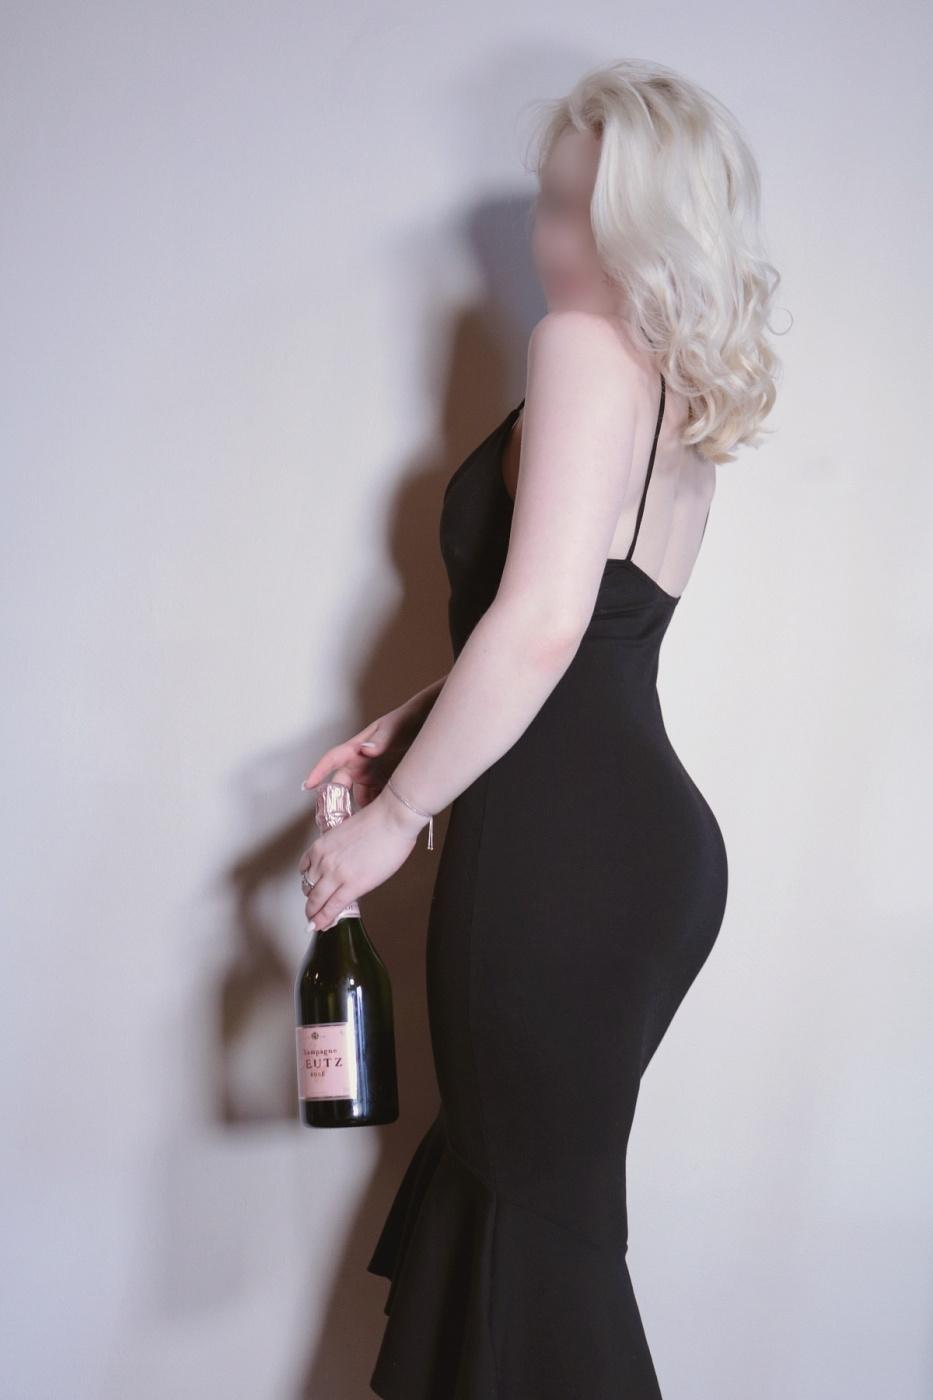 Gwen Monroe